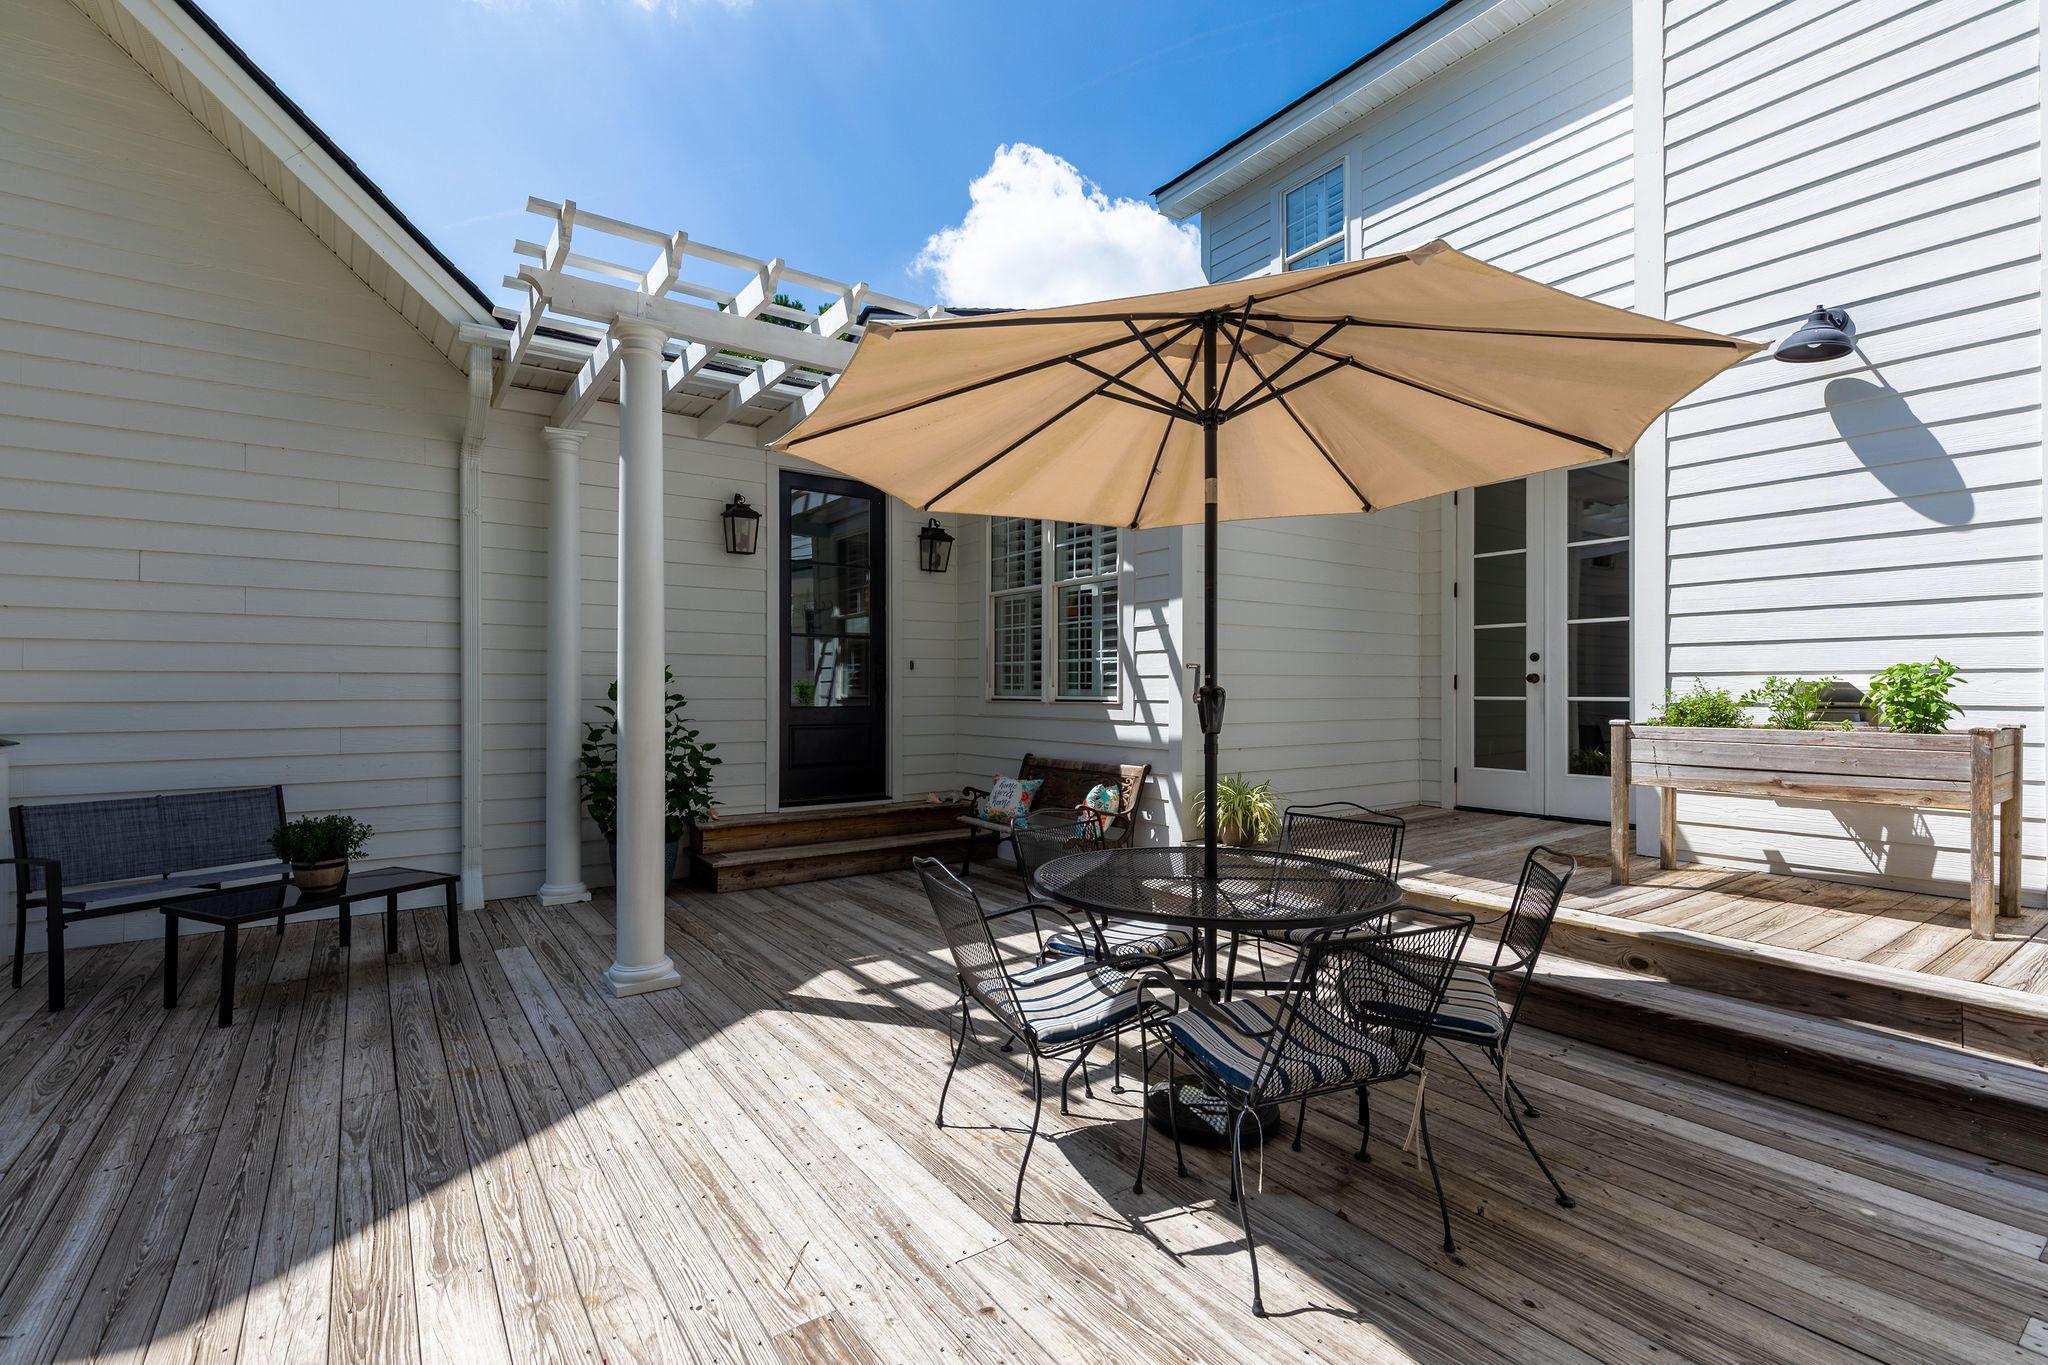 Dunes West Homes For Sale - 3201 Cottonfield, Mount Pleasant, SC - 3